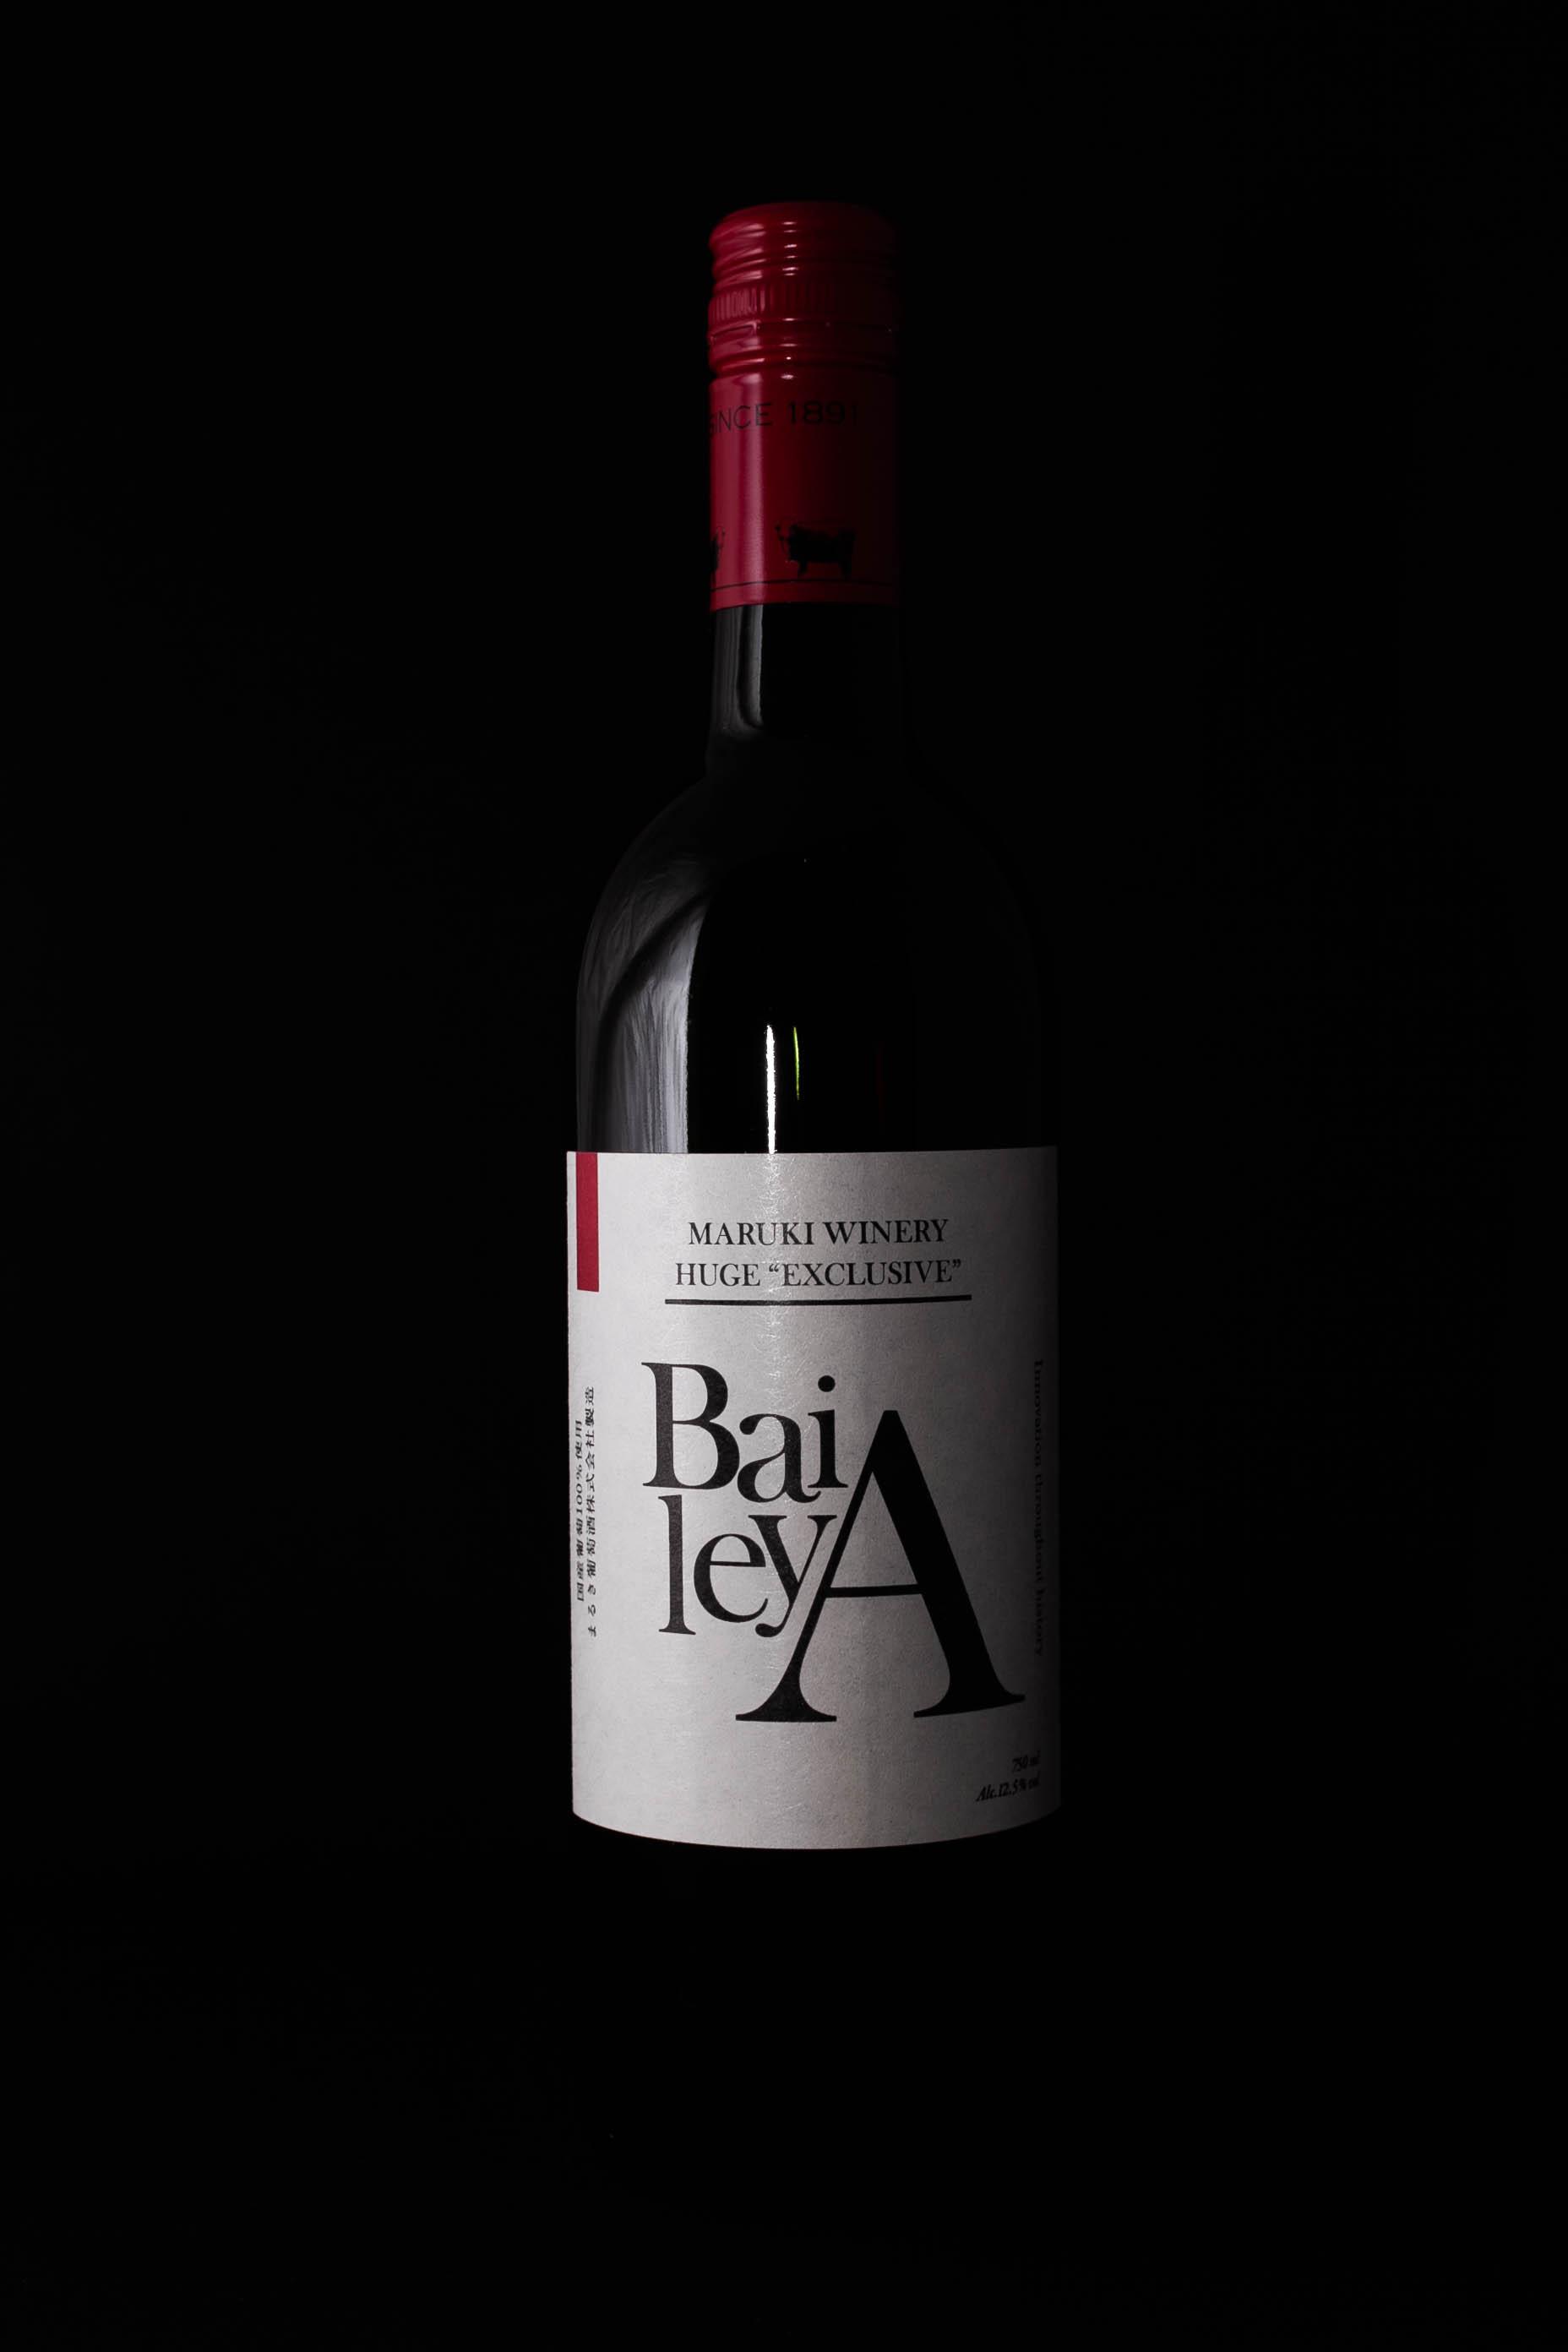 まるき葡萄酒 Bailey A/ヒュージ エスクルーシブ 赤ワイン